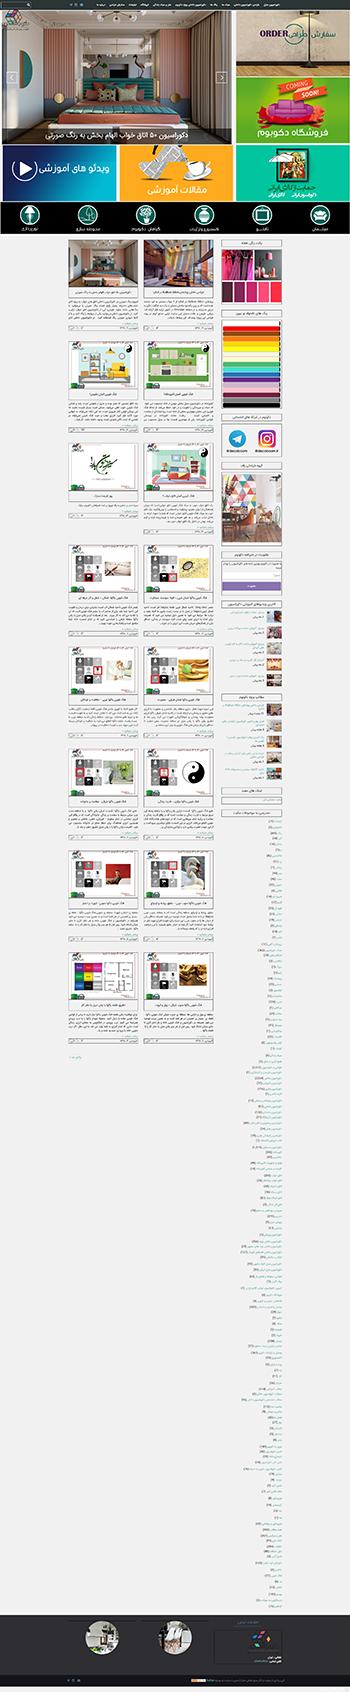 طراحی سایت دکوراسیون و بازسازی خانه